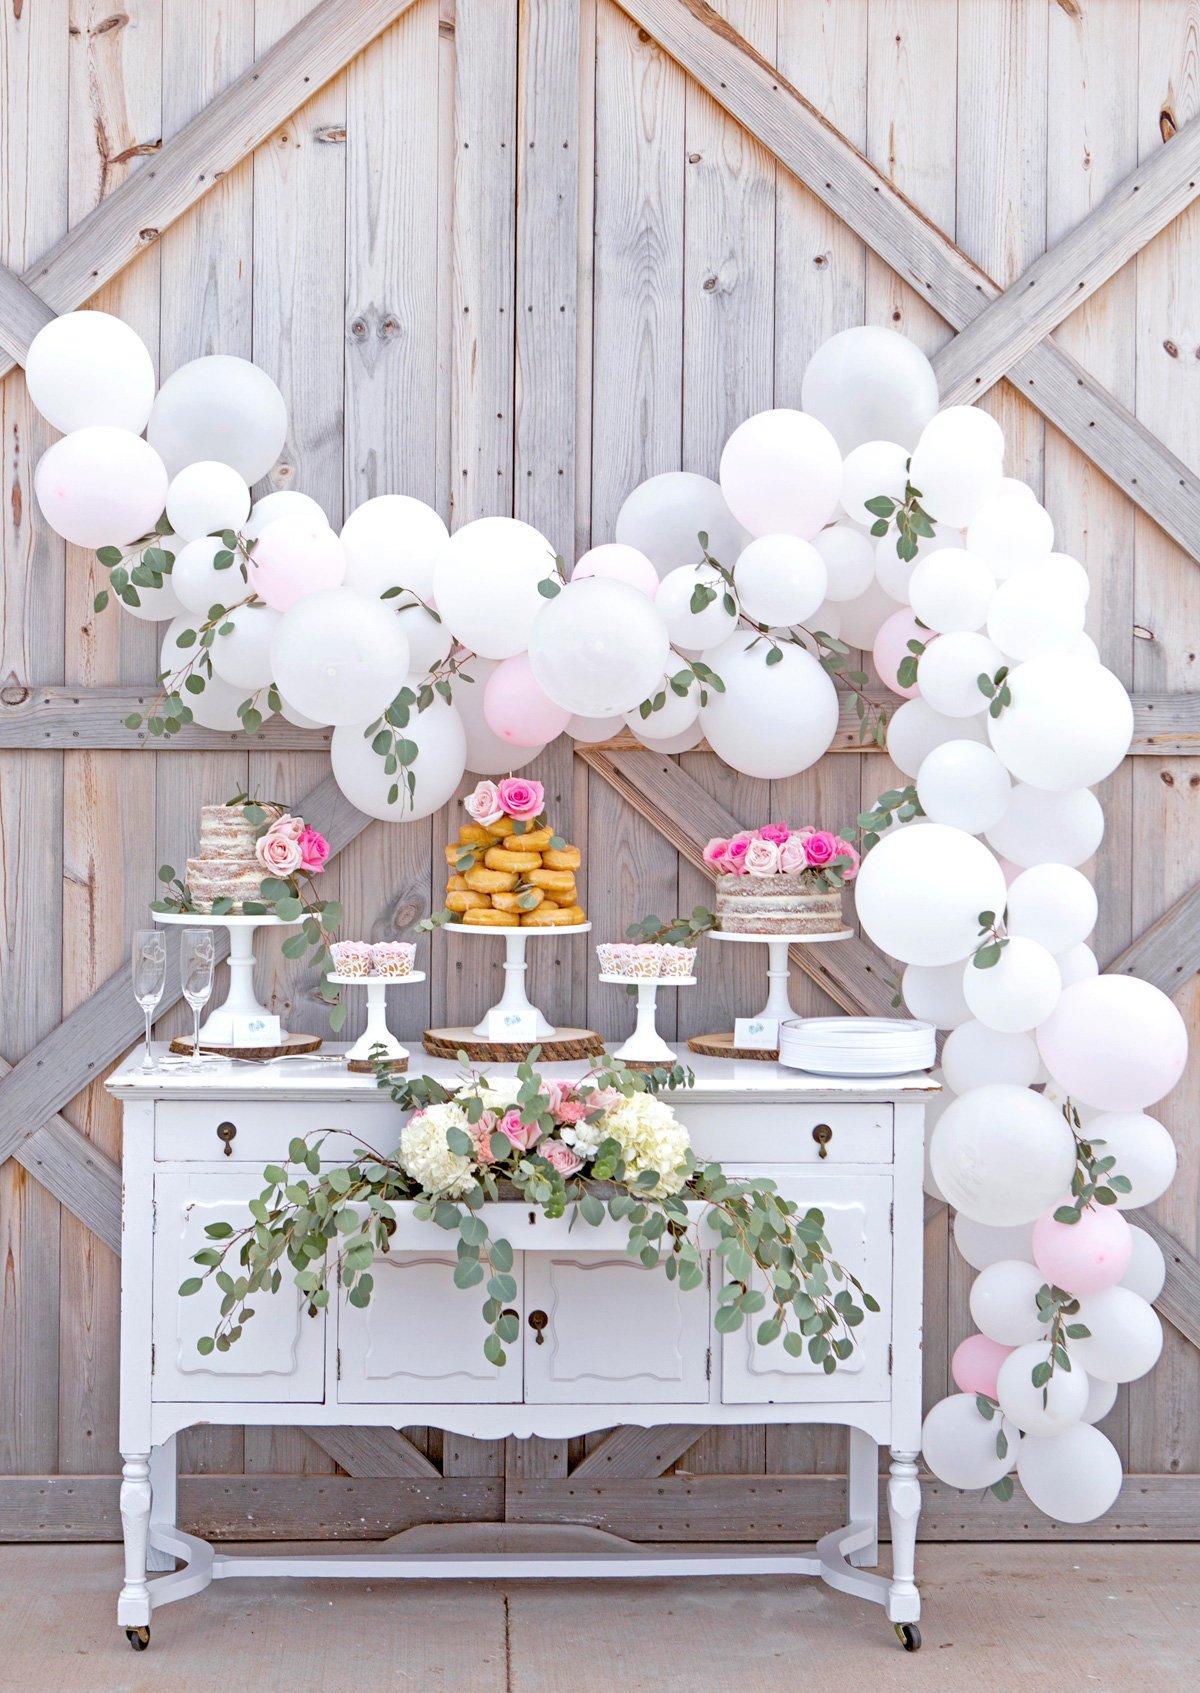 comment faire une guirlande de ballons decoration anniversaire mariage candy bar - blog déco - clem around the corner